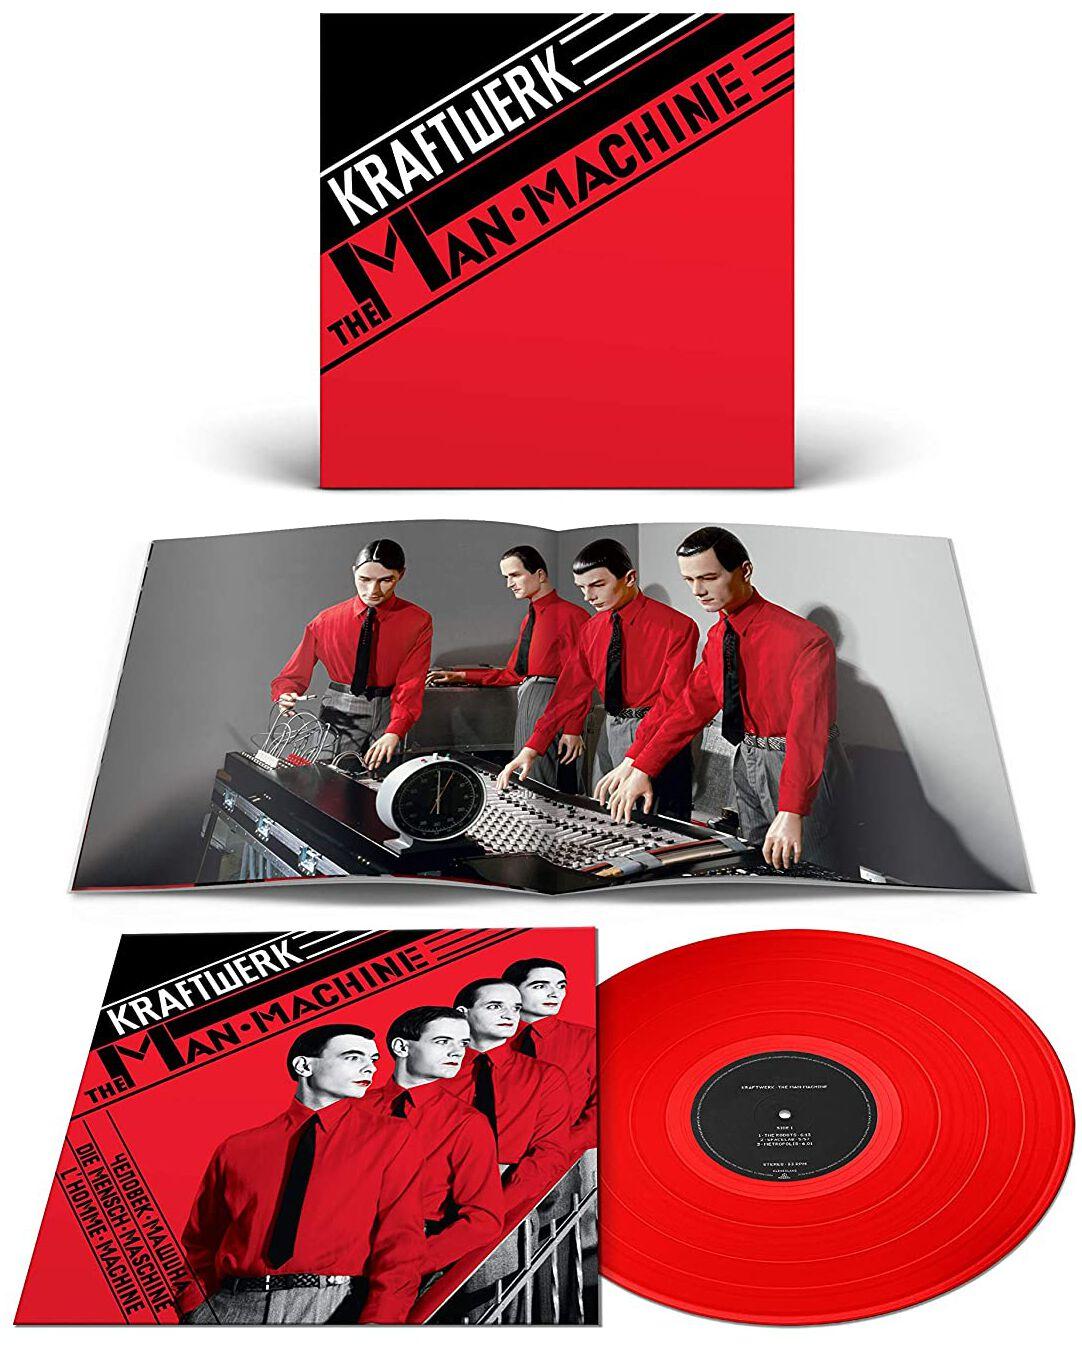 Kraftwerk The Man-Machine LP rot 9029527233